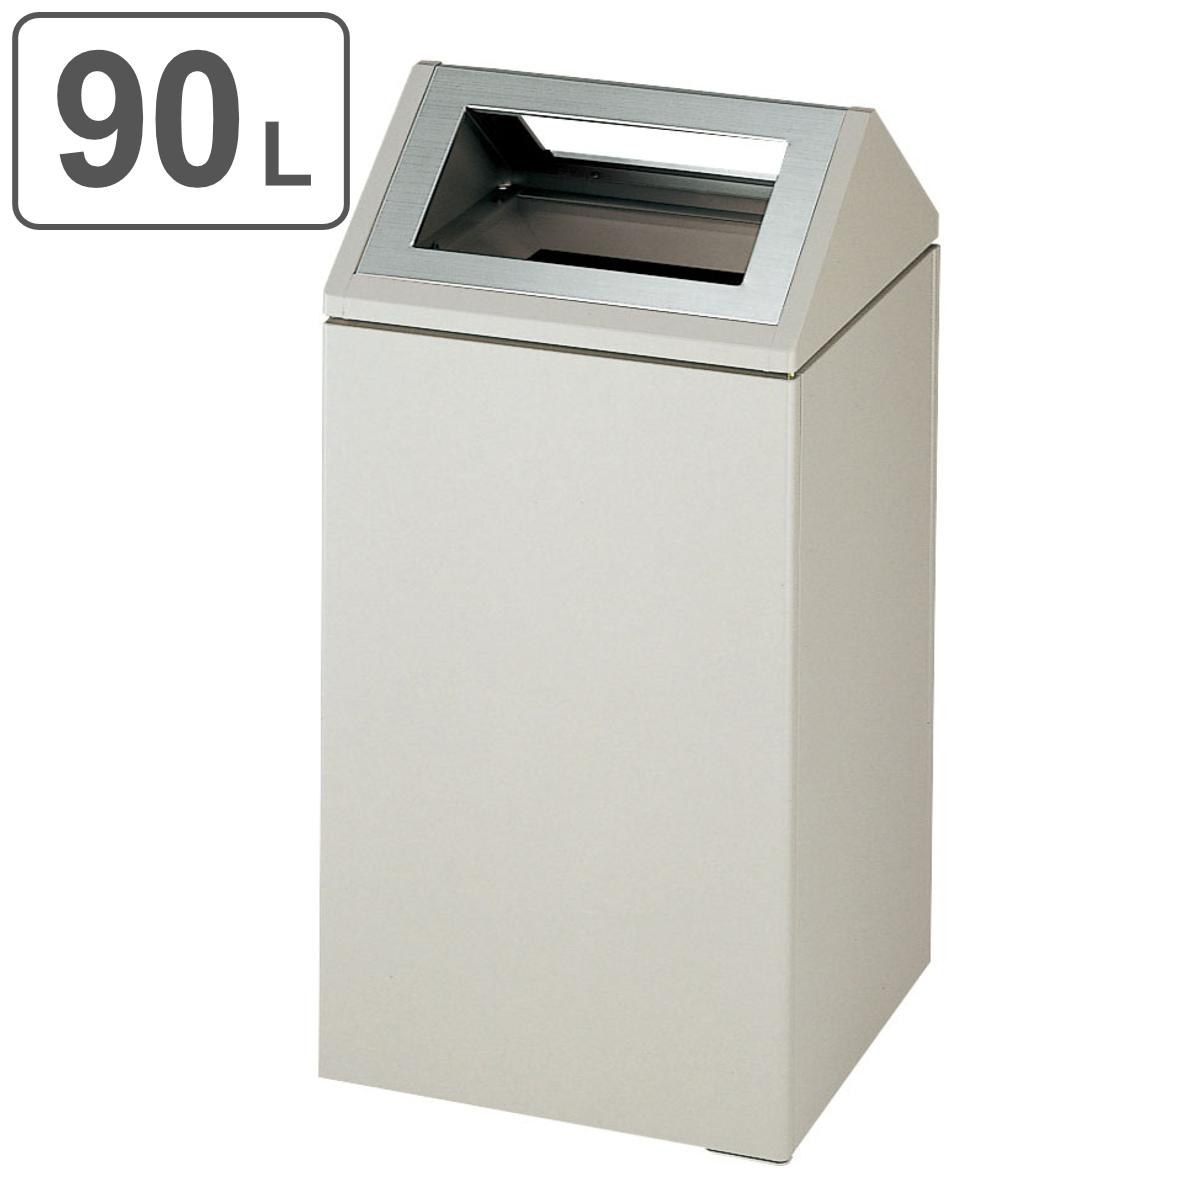 ゴミ箱 ダストボックス SG K-500 L1 送料無料